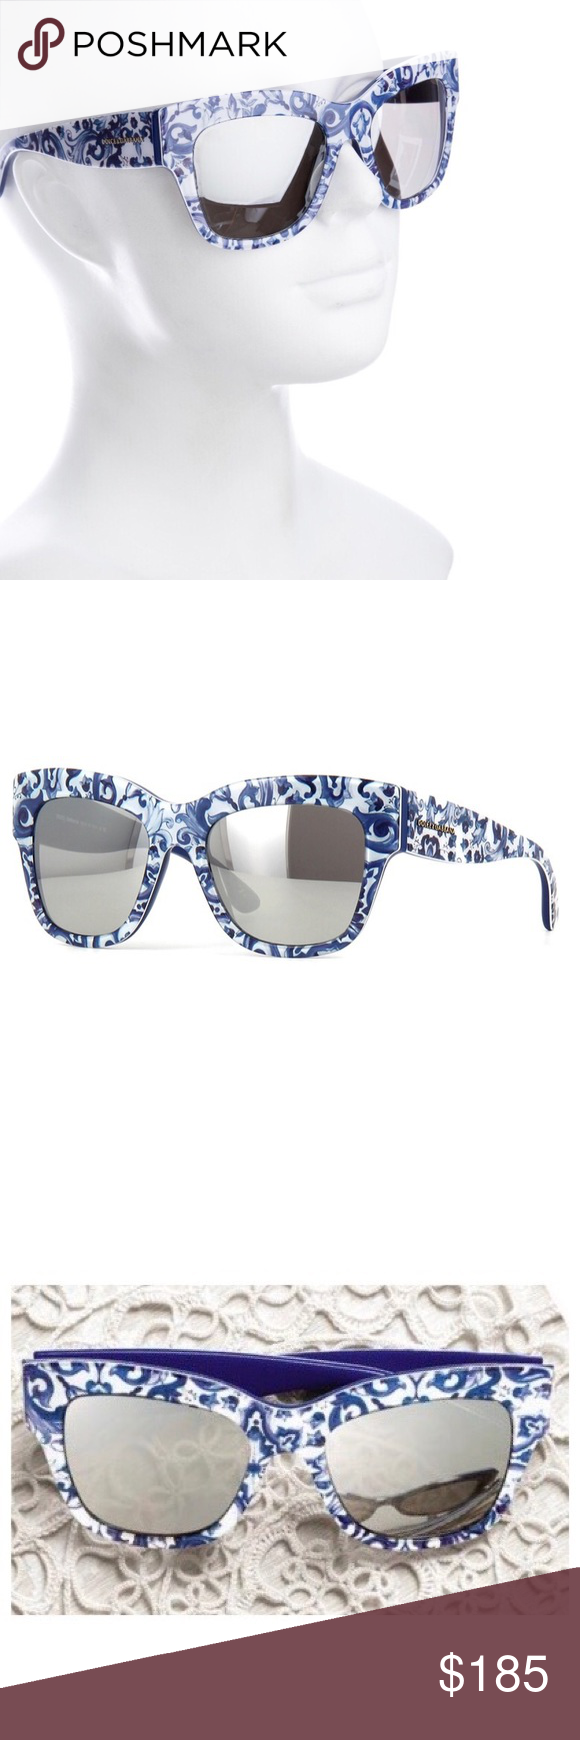 9b222eedac6f BNIB Dolce Gabbana s 4231 Maiolica Sunglasses NWT. SALE✨BNIB  Dolce Gabbana s 4231 Maiolica Sunglasses Dolce   Gabbana s DG4231 - ALMOND  FLOWERS ...